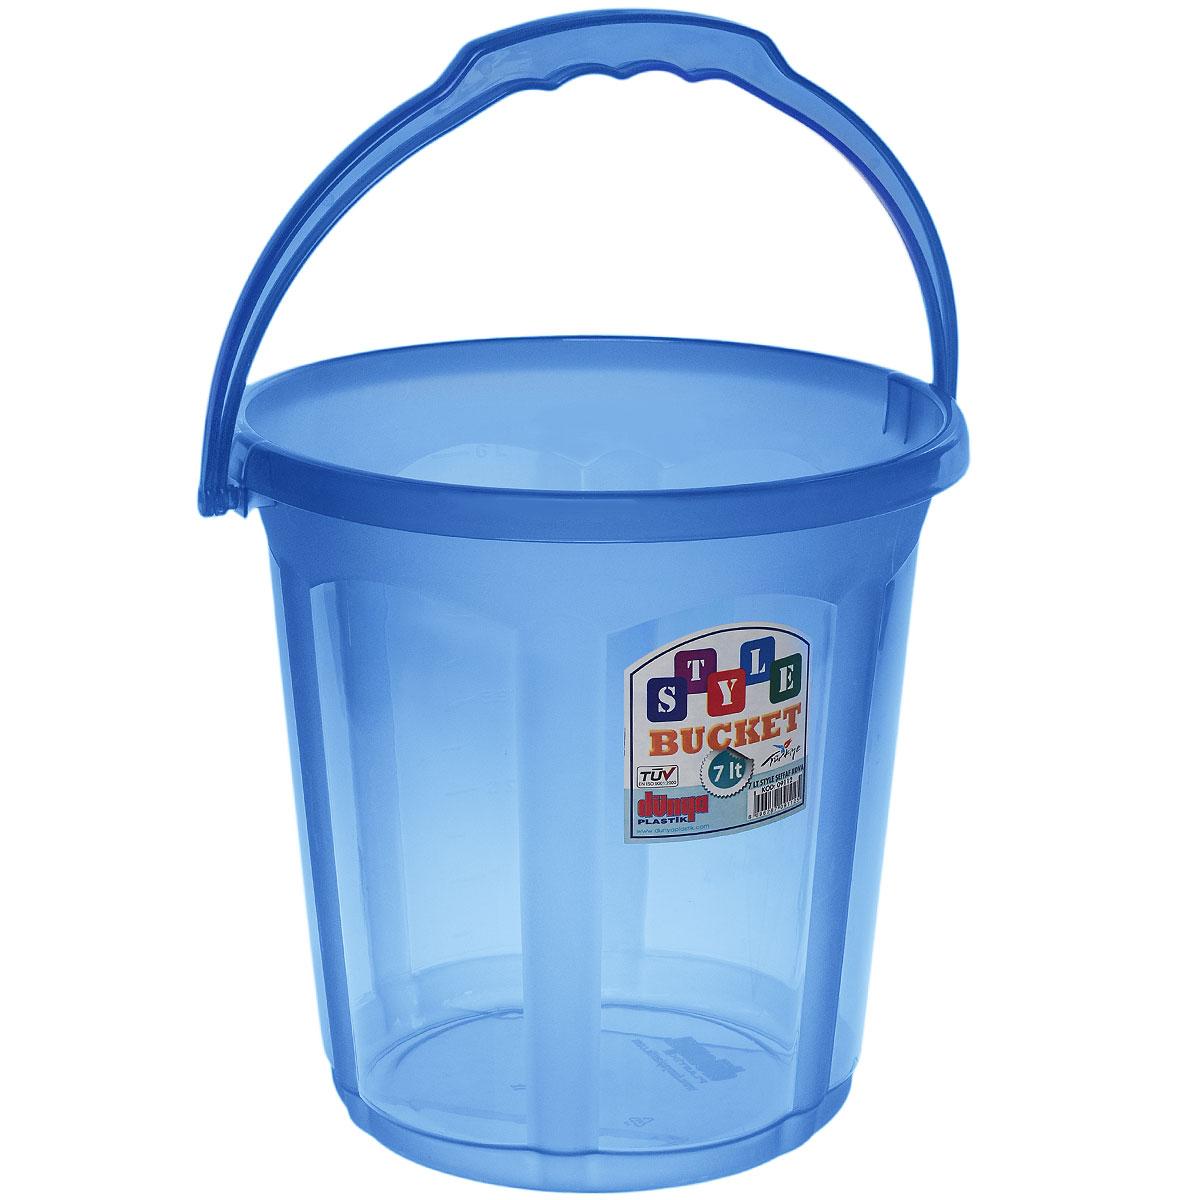 Ведро Dunya Plastik Стиль, цвет: синий, 7 л09112Ведро Dunya Plastik Стиль изготовлено из прочного цветного пластика. Изделие оснащено эргономичной ручкой. Такое ведро прекрасно подойдет для различных хозяйственных нужд: для уборки или хранения мусора. Диаметр ведра (по верхнему краю): 23,5 см. Высота ведра : 24 см.